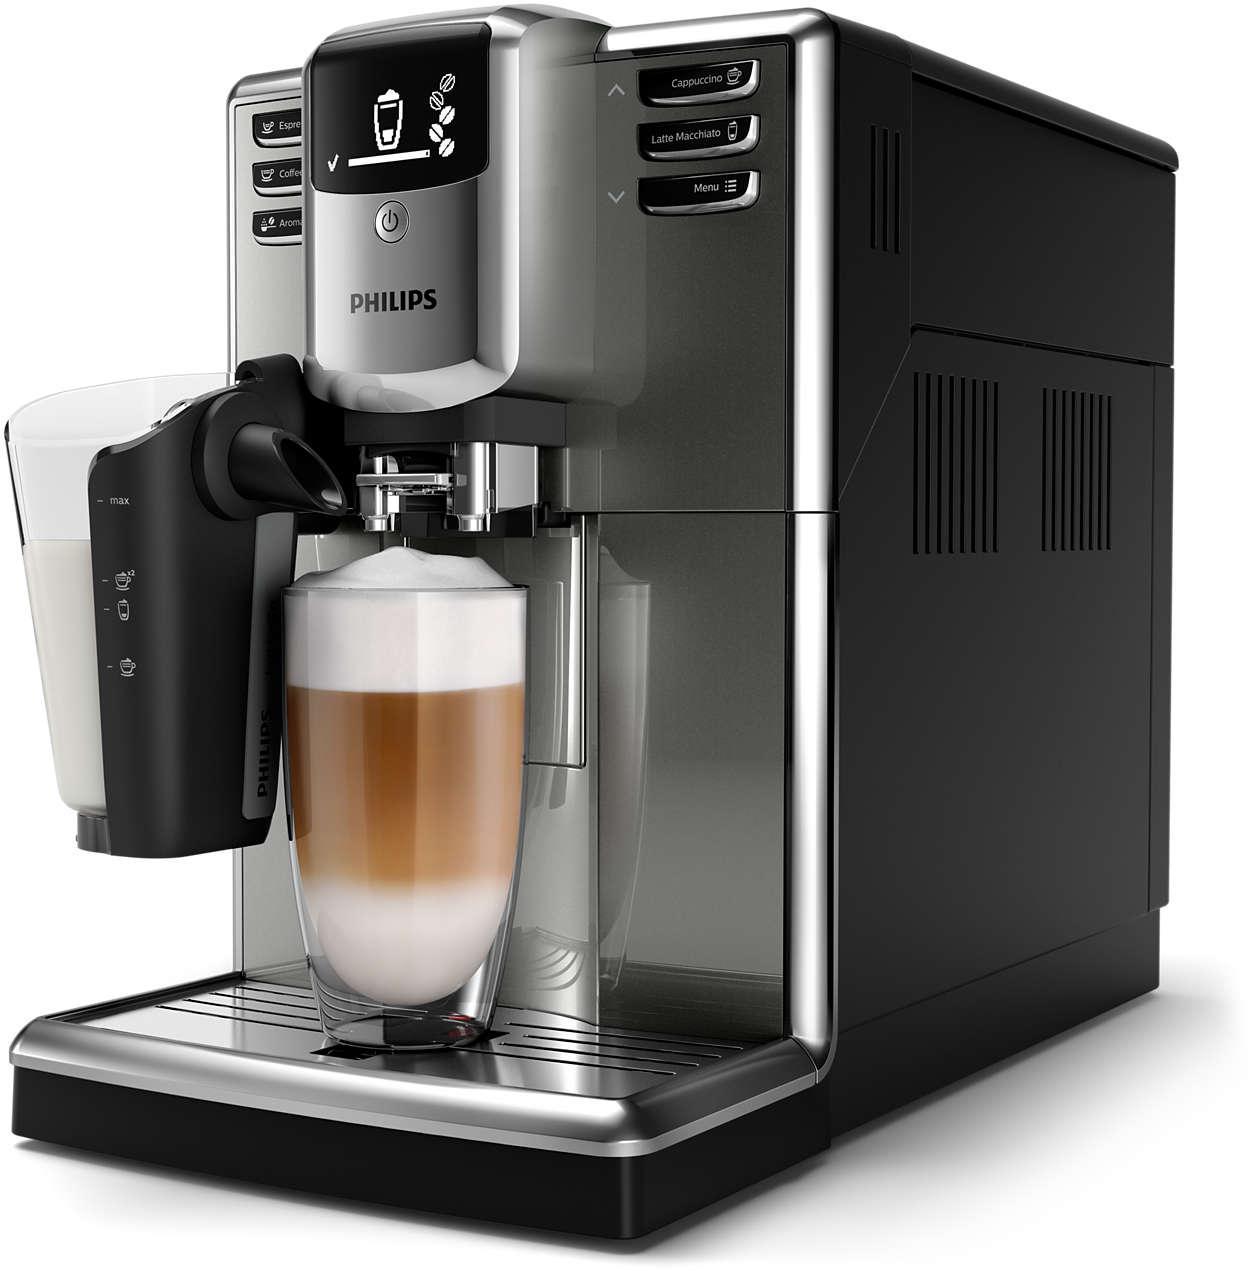 Кофемашина Philips Series 5000 EP5334/10 новая